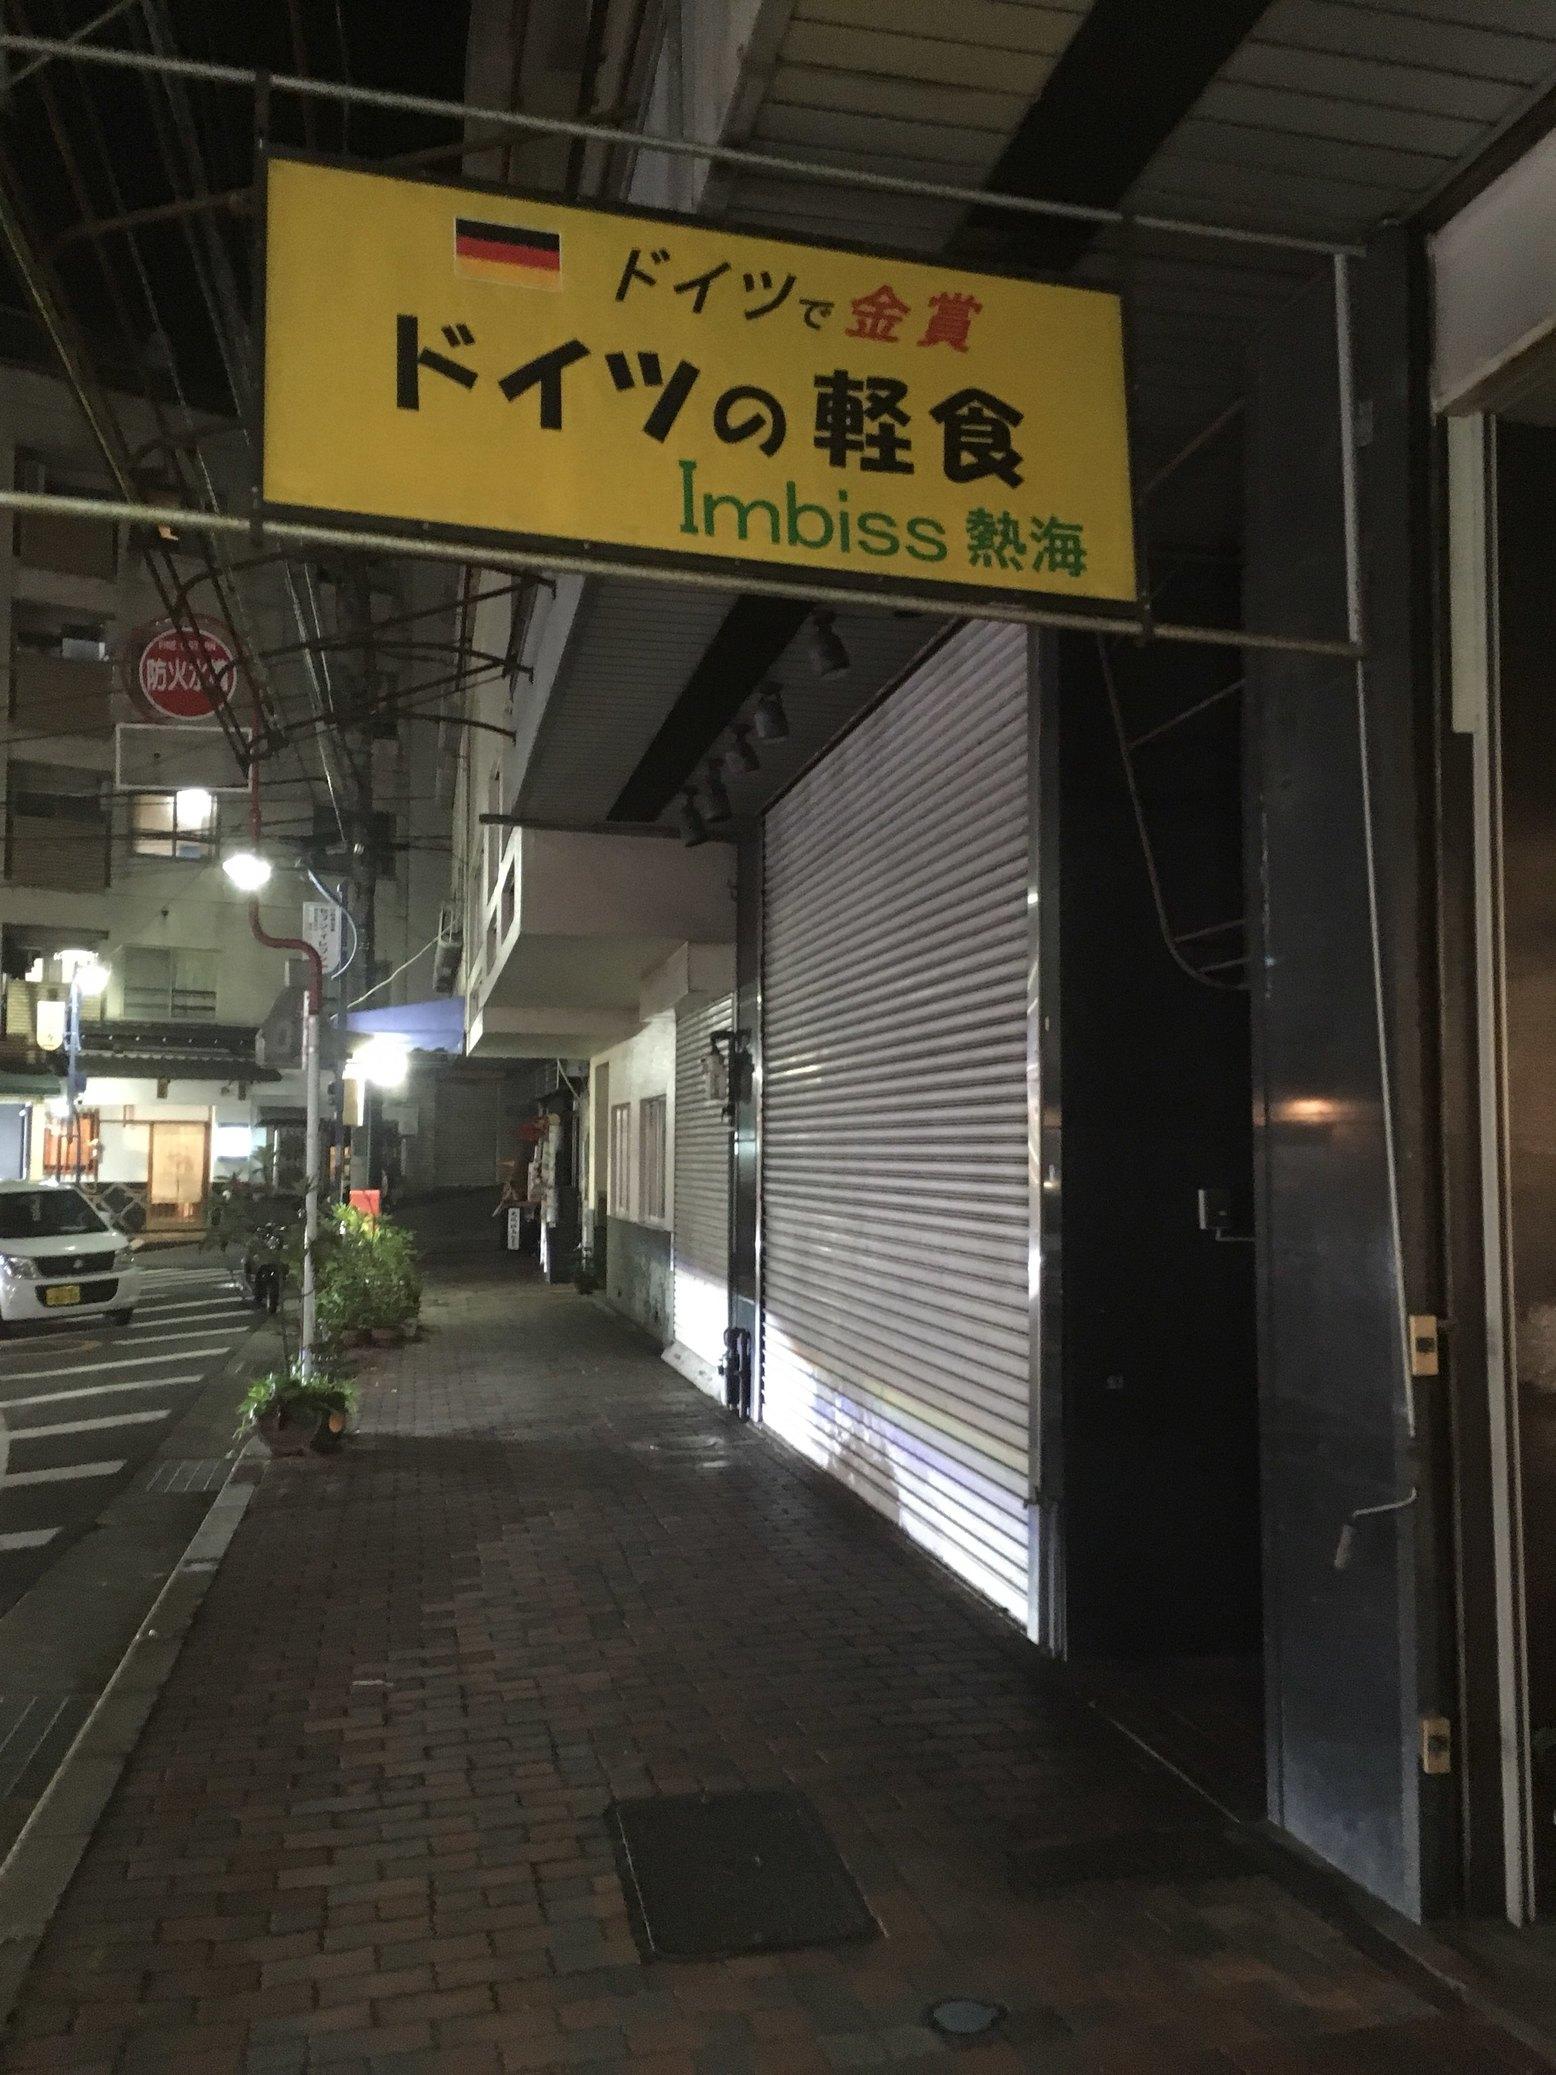 Imbiss熱海 name=